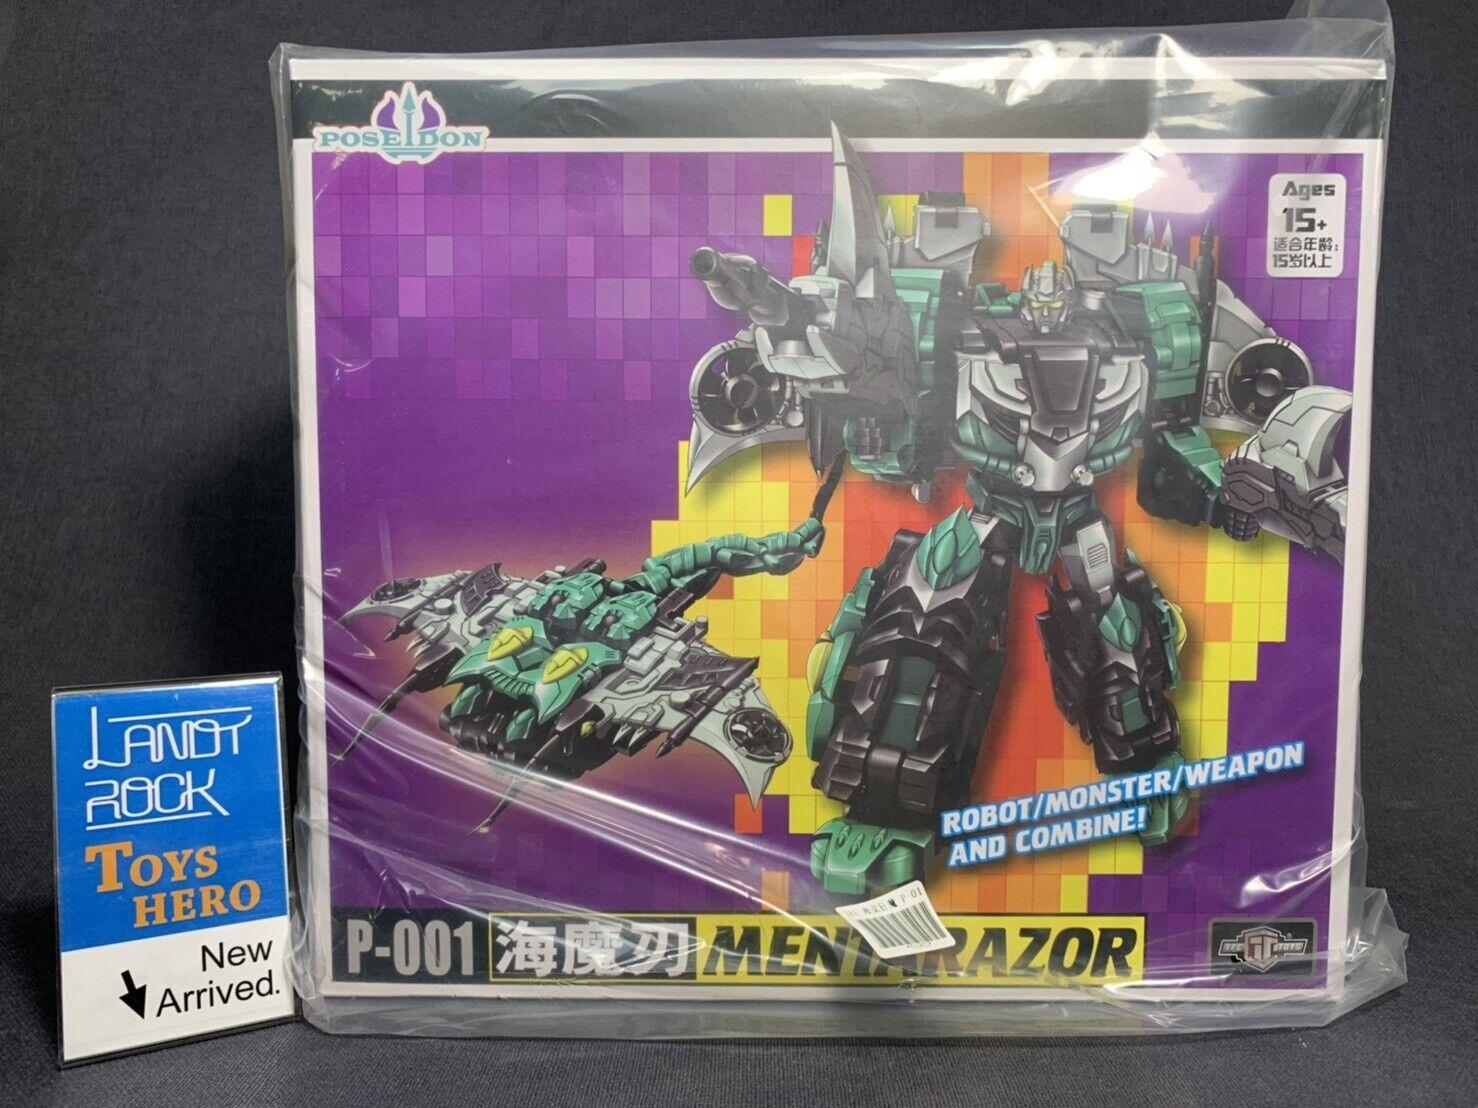 Héroe [juguetes] en mano Transformers de TFC P-001 Poseidon mentarazor Seawing Piranacon